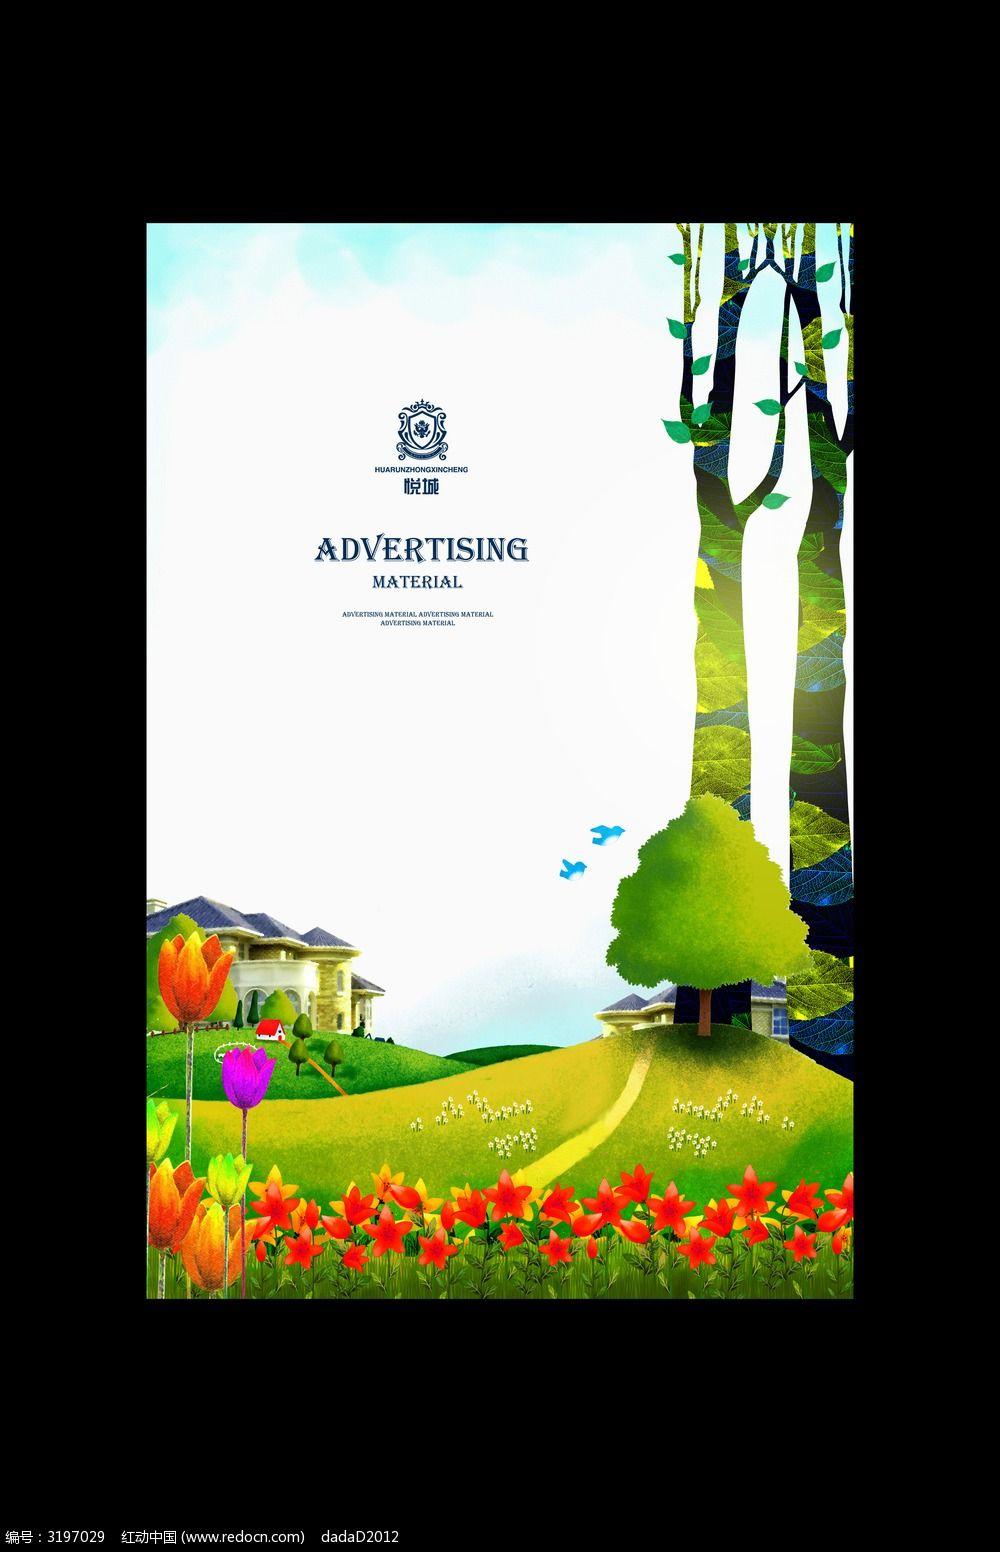 手绘别墅广告_海报设计/宣传单/广告牌图片素材